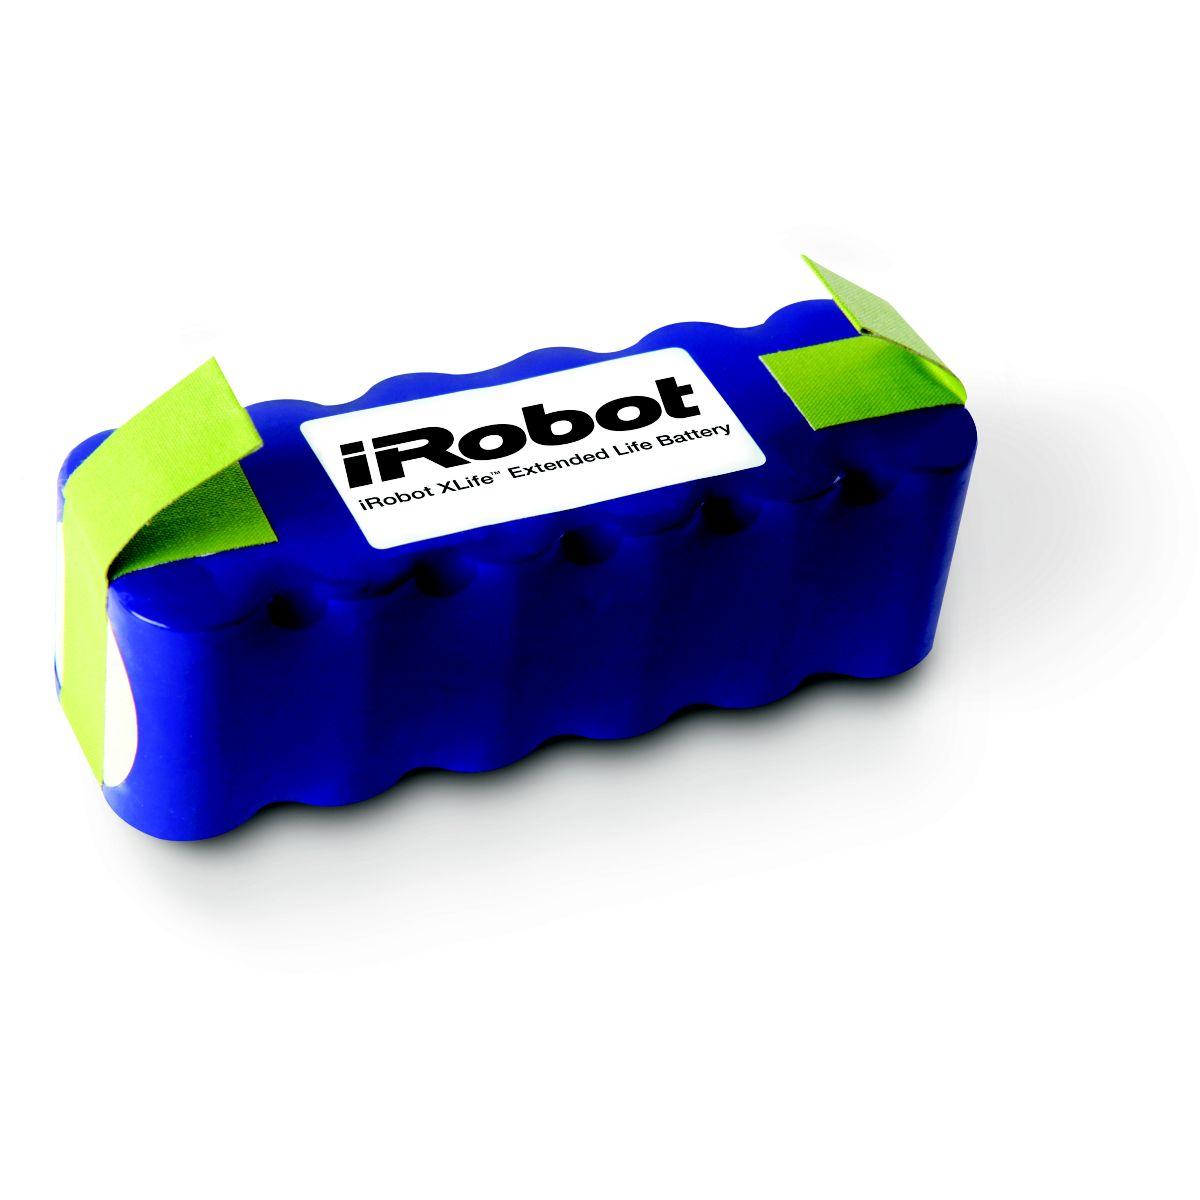 Batterie irobot battery x life rsp800 - livraison offerte : code liv (photo)